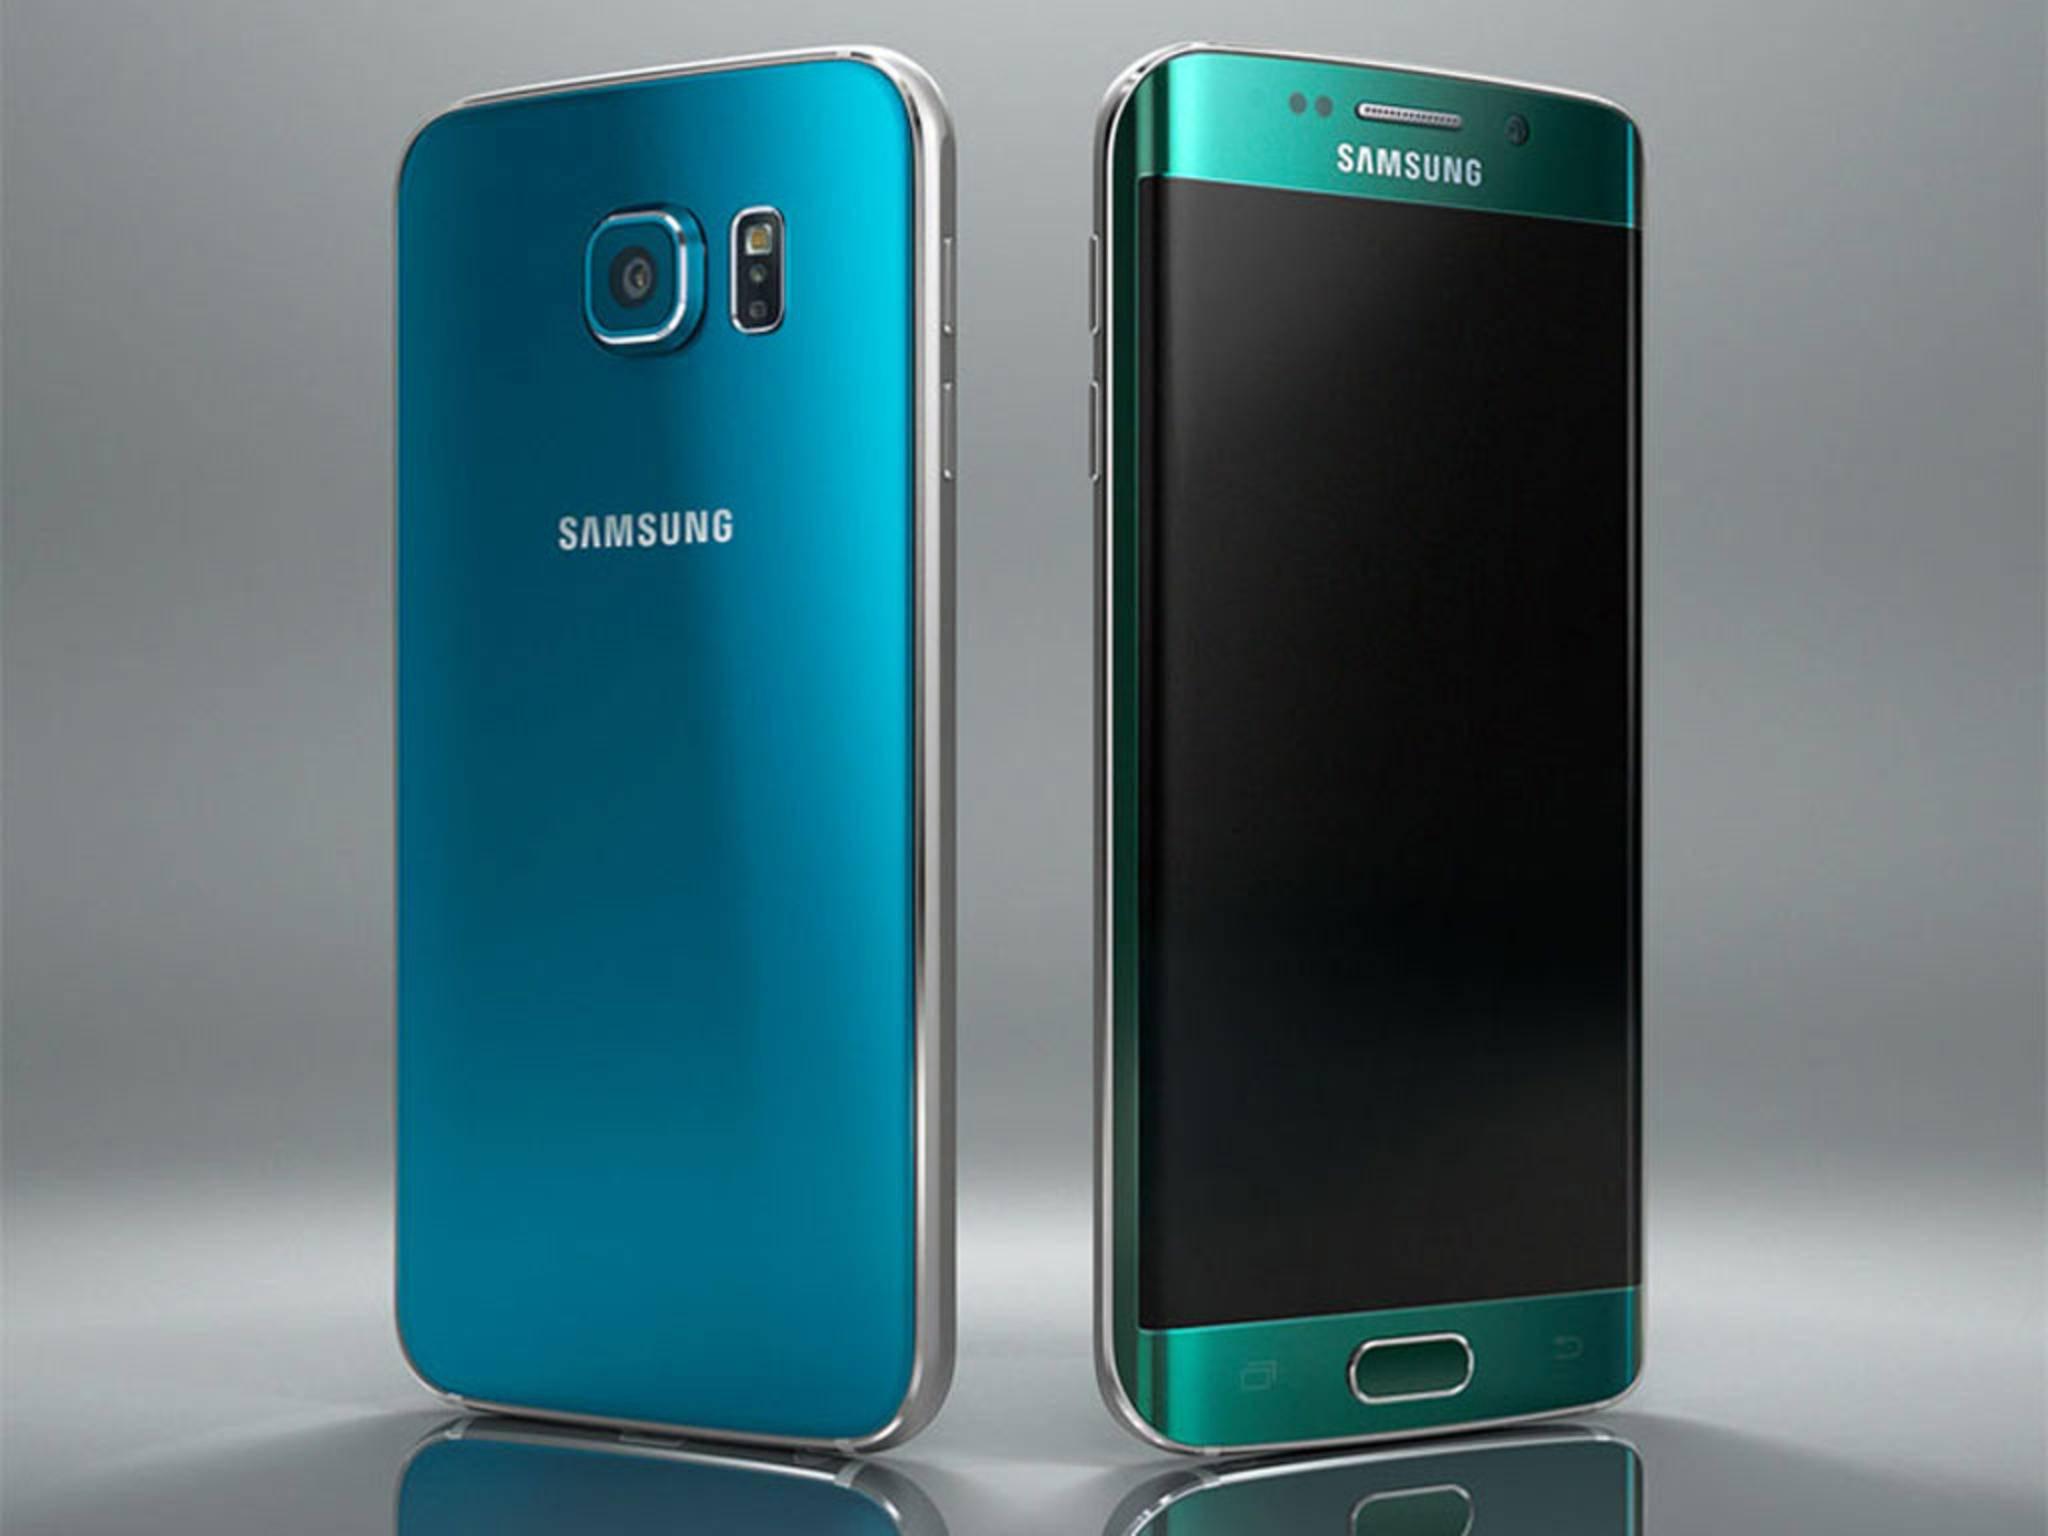 Erfolg oder Flop? Wie verkauft sich das Samsung Galaxy S6 Edge?